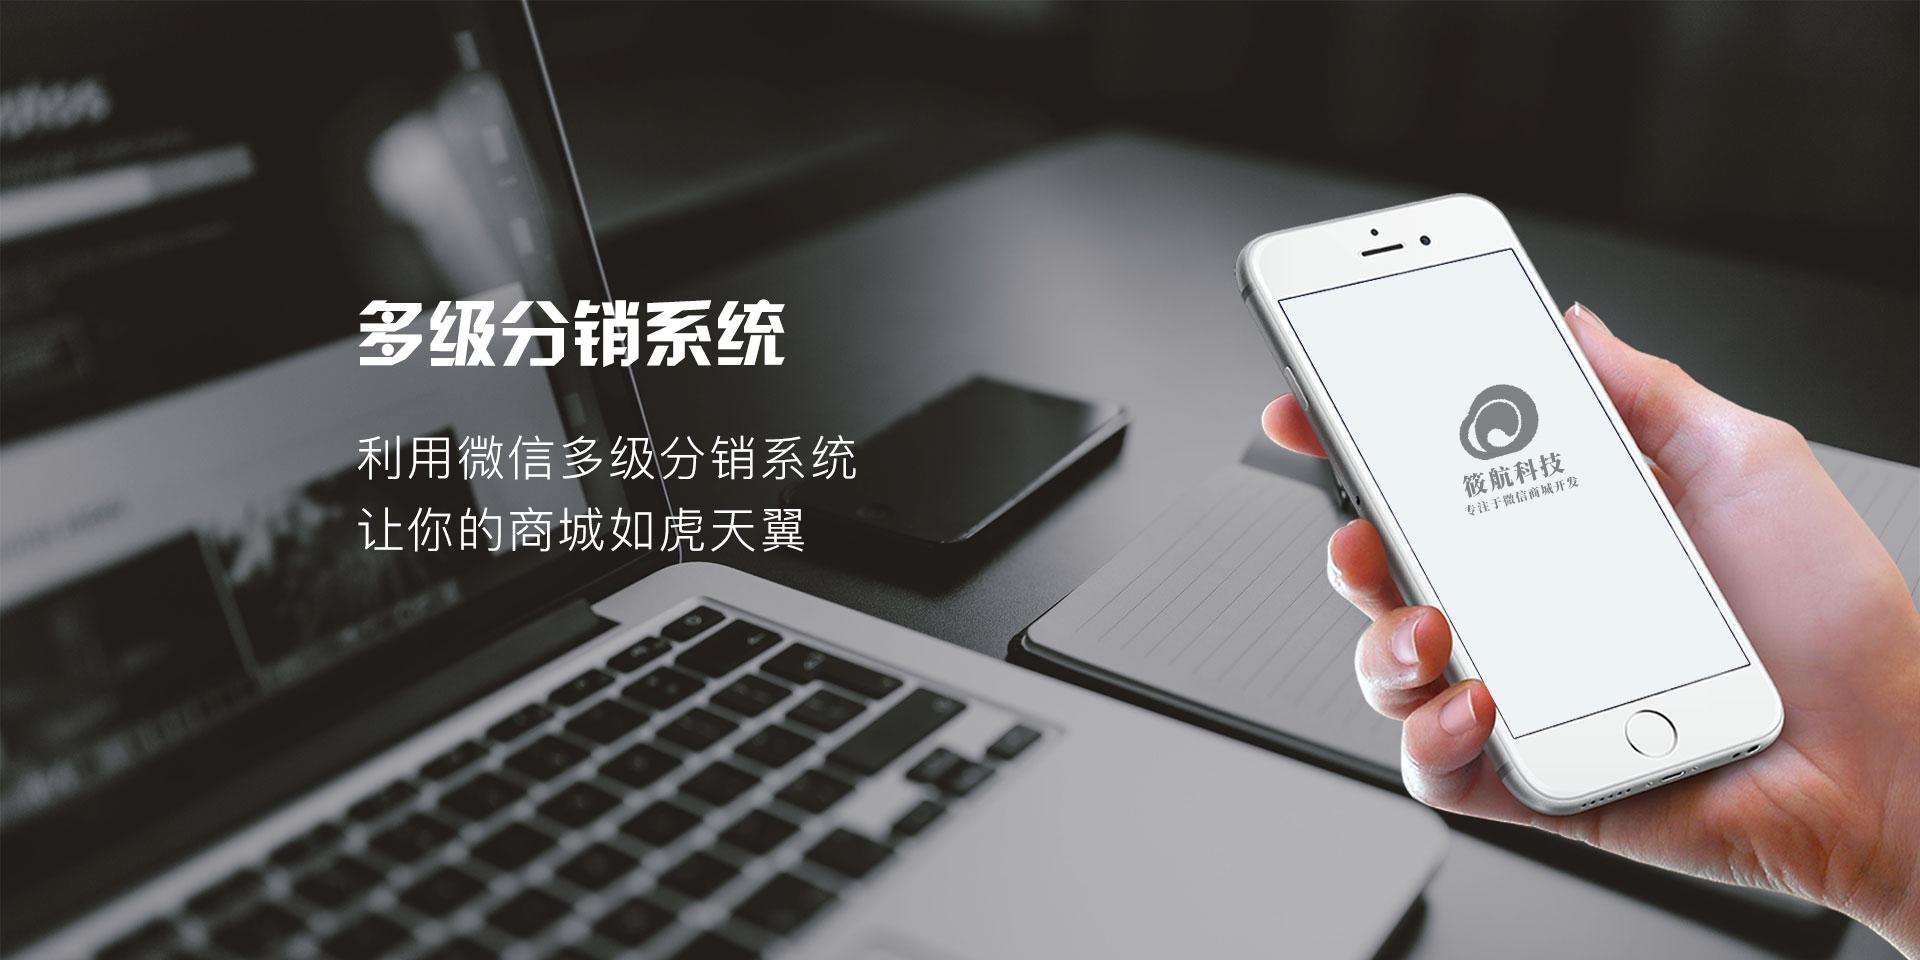 延吉微信小程序开发